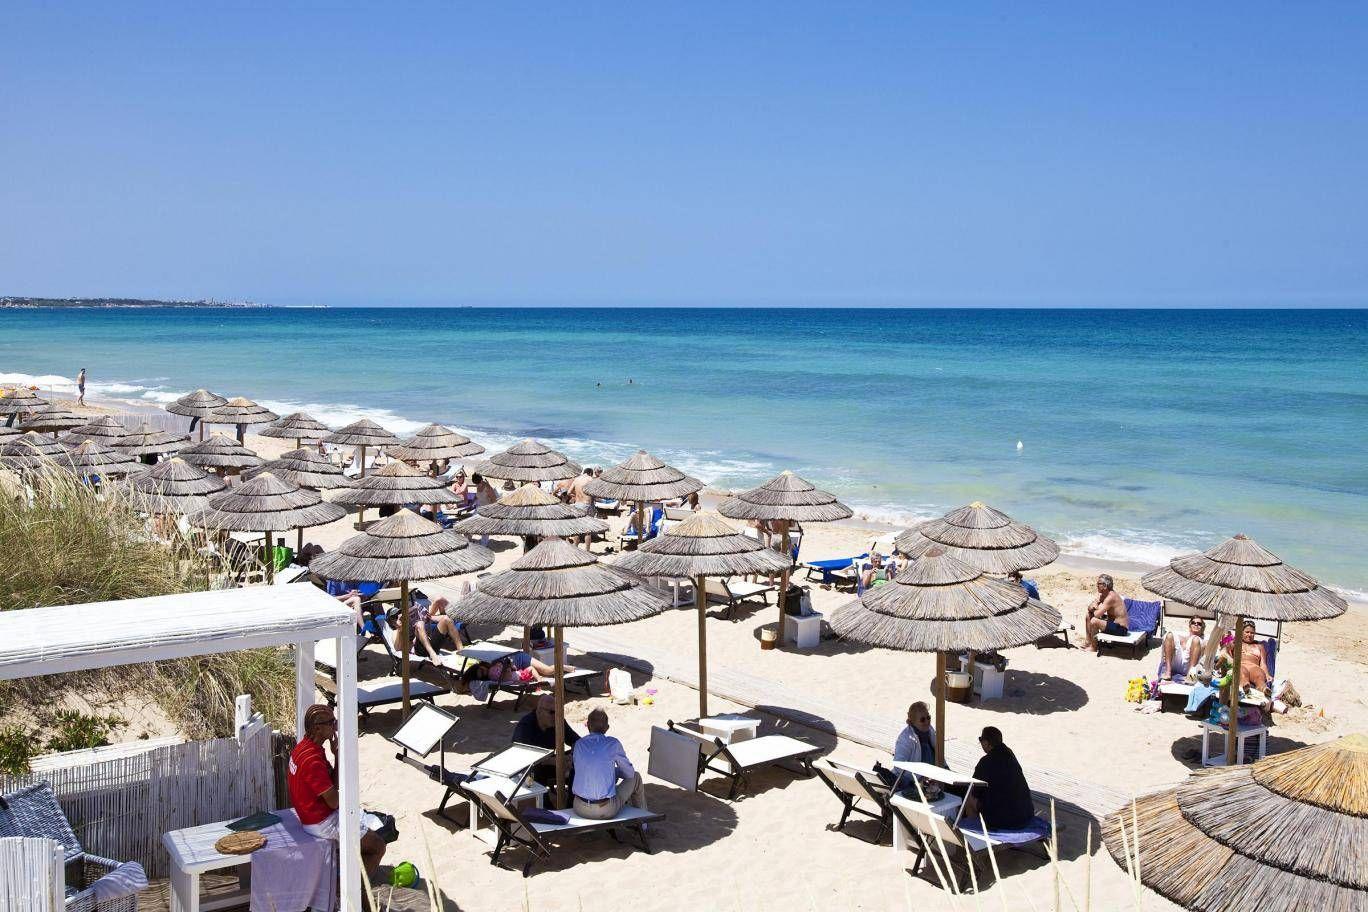 The Torre Coccaro Beach Club